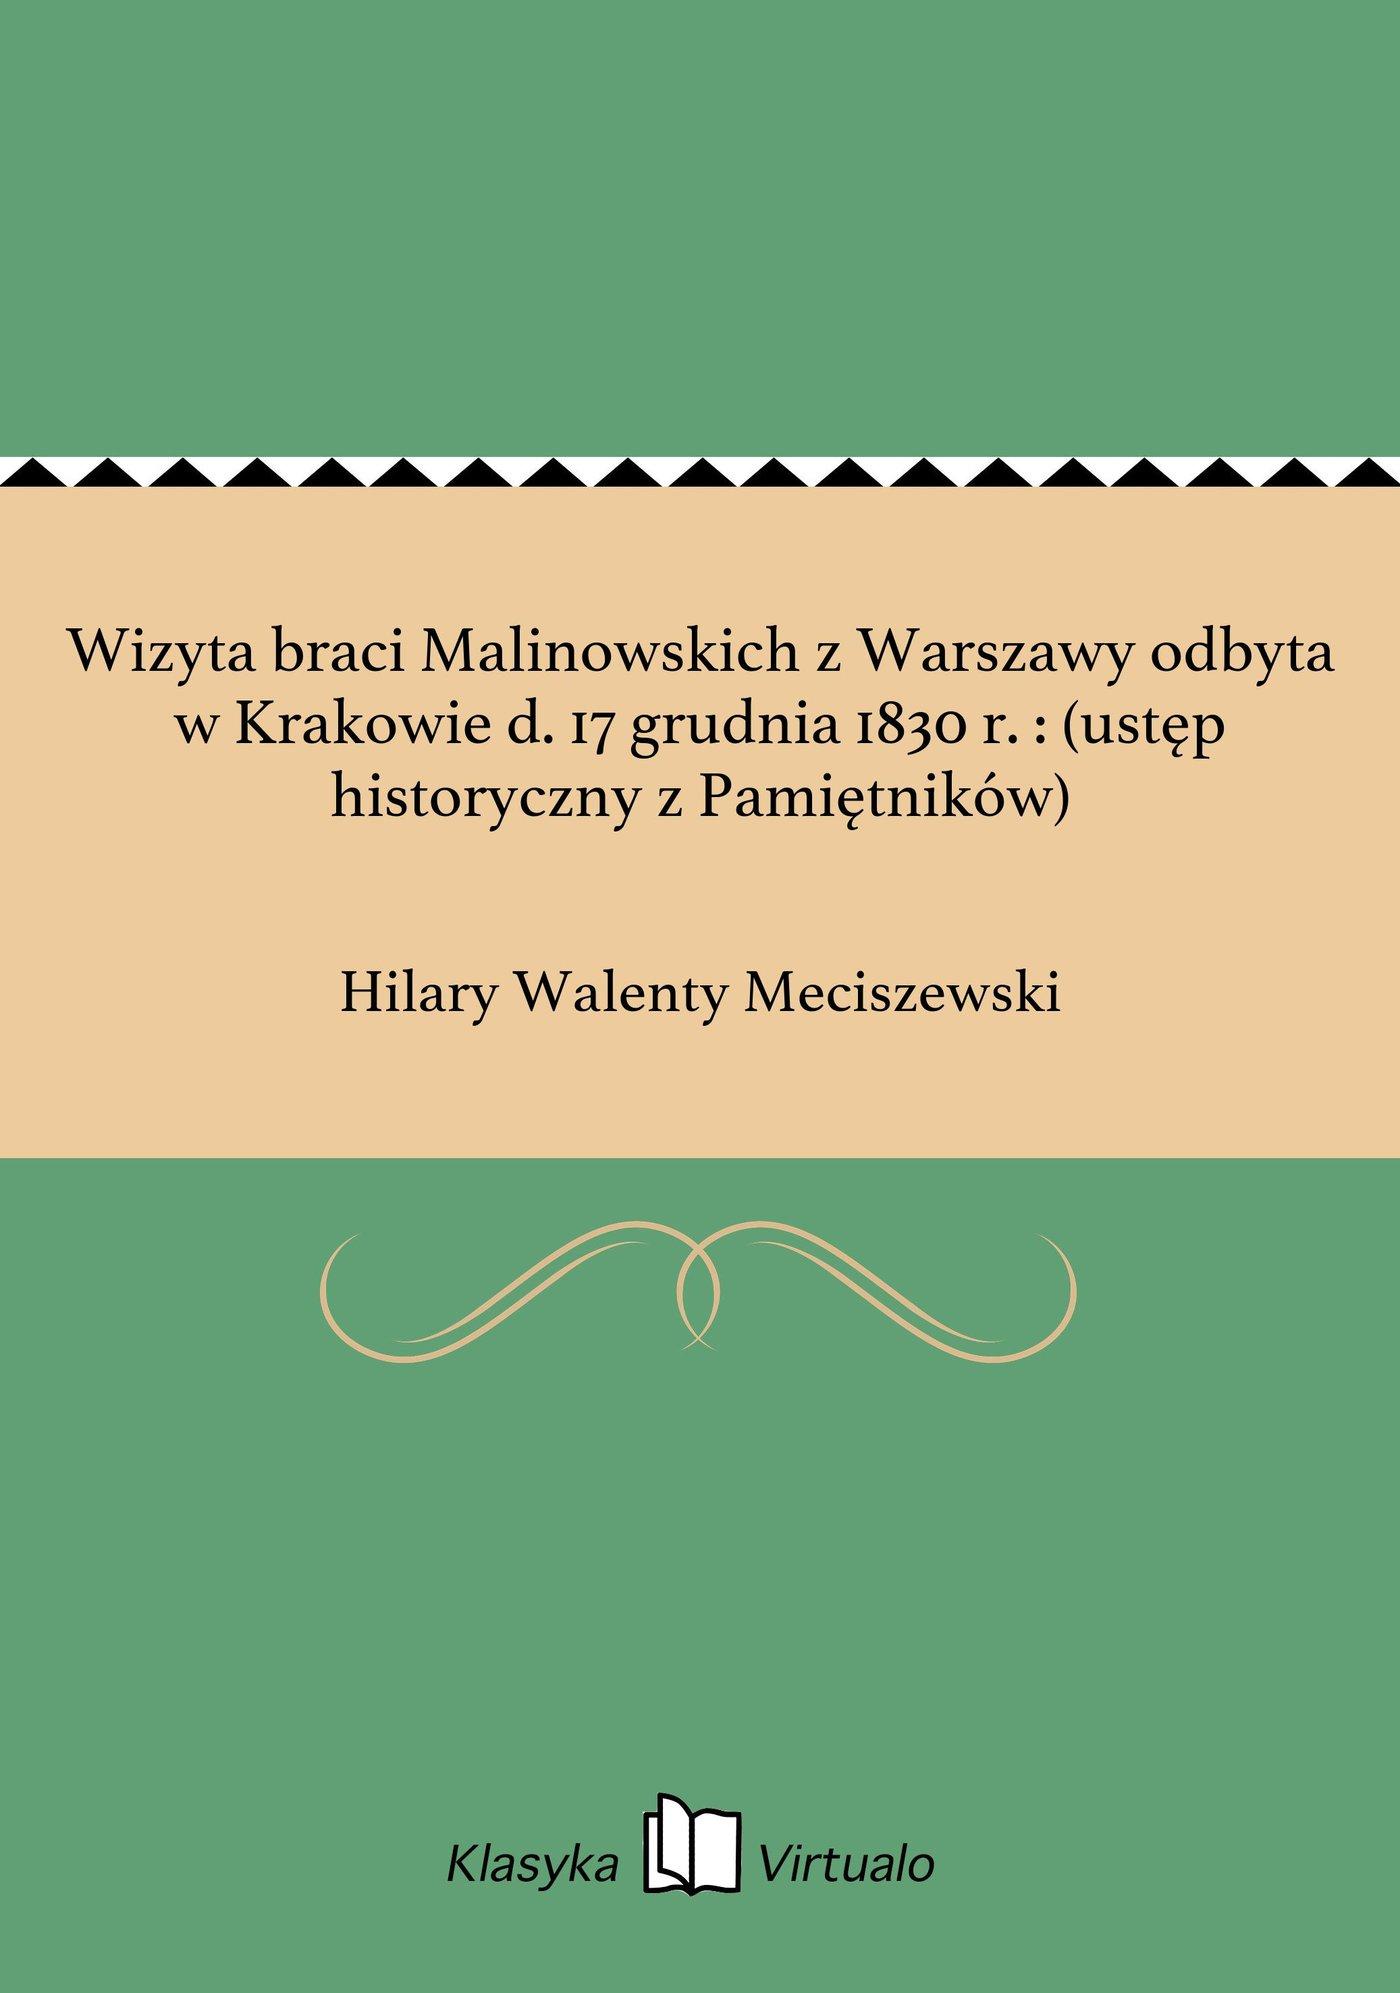 Wizyta braci Malinowskich z Warszawy odbyta w Krakowie d. 17 grudnia 1830 r. : (ustęp historyczny z Pamiętników) - Ebook (Książka EPUB) do pobrania w formacie EPUB